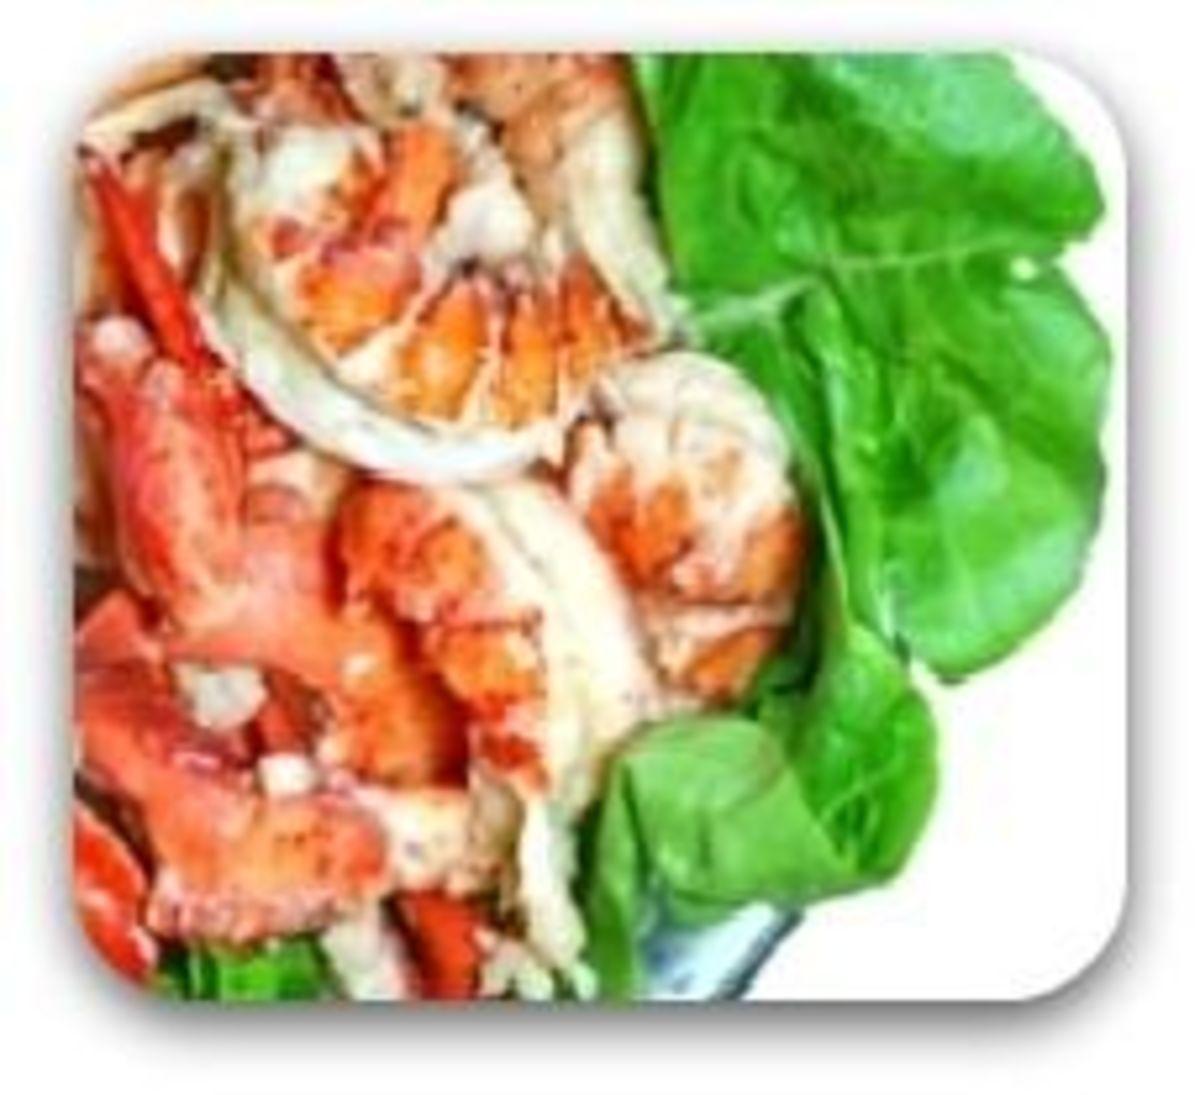 Lobster Meat on Lettuce